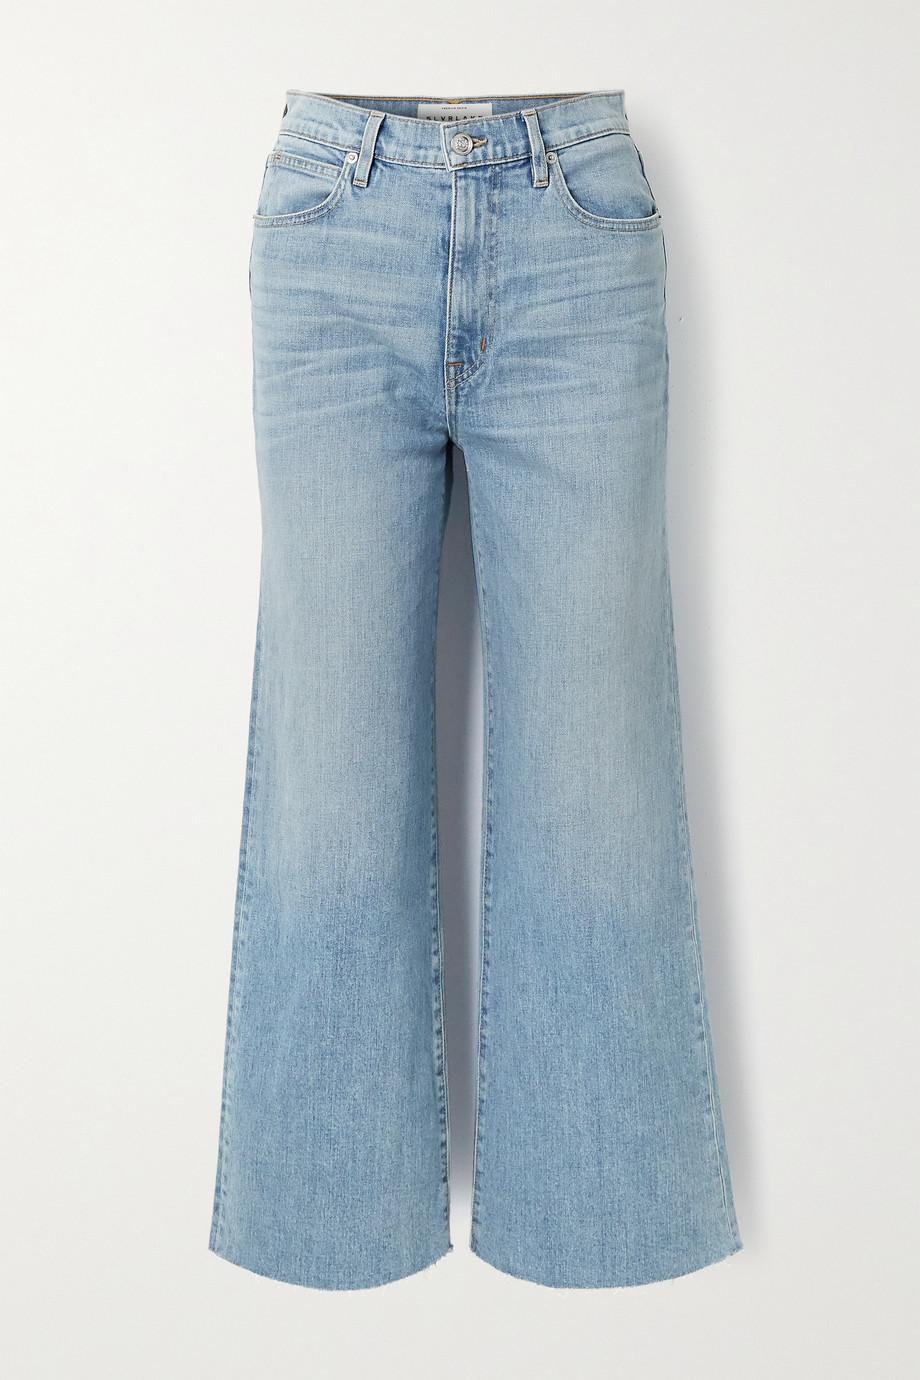 SLVRLAKE Grace verkürzte, hoch sitzende Jeans mit weitem Bein